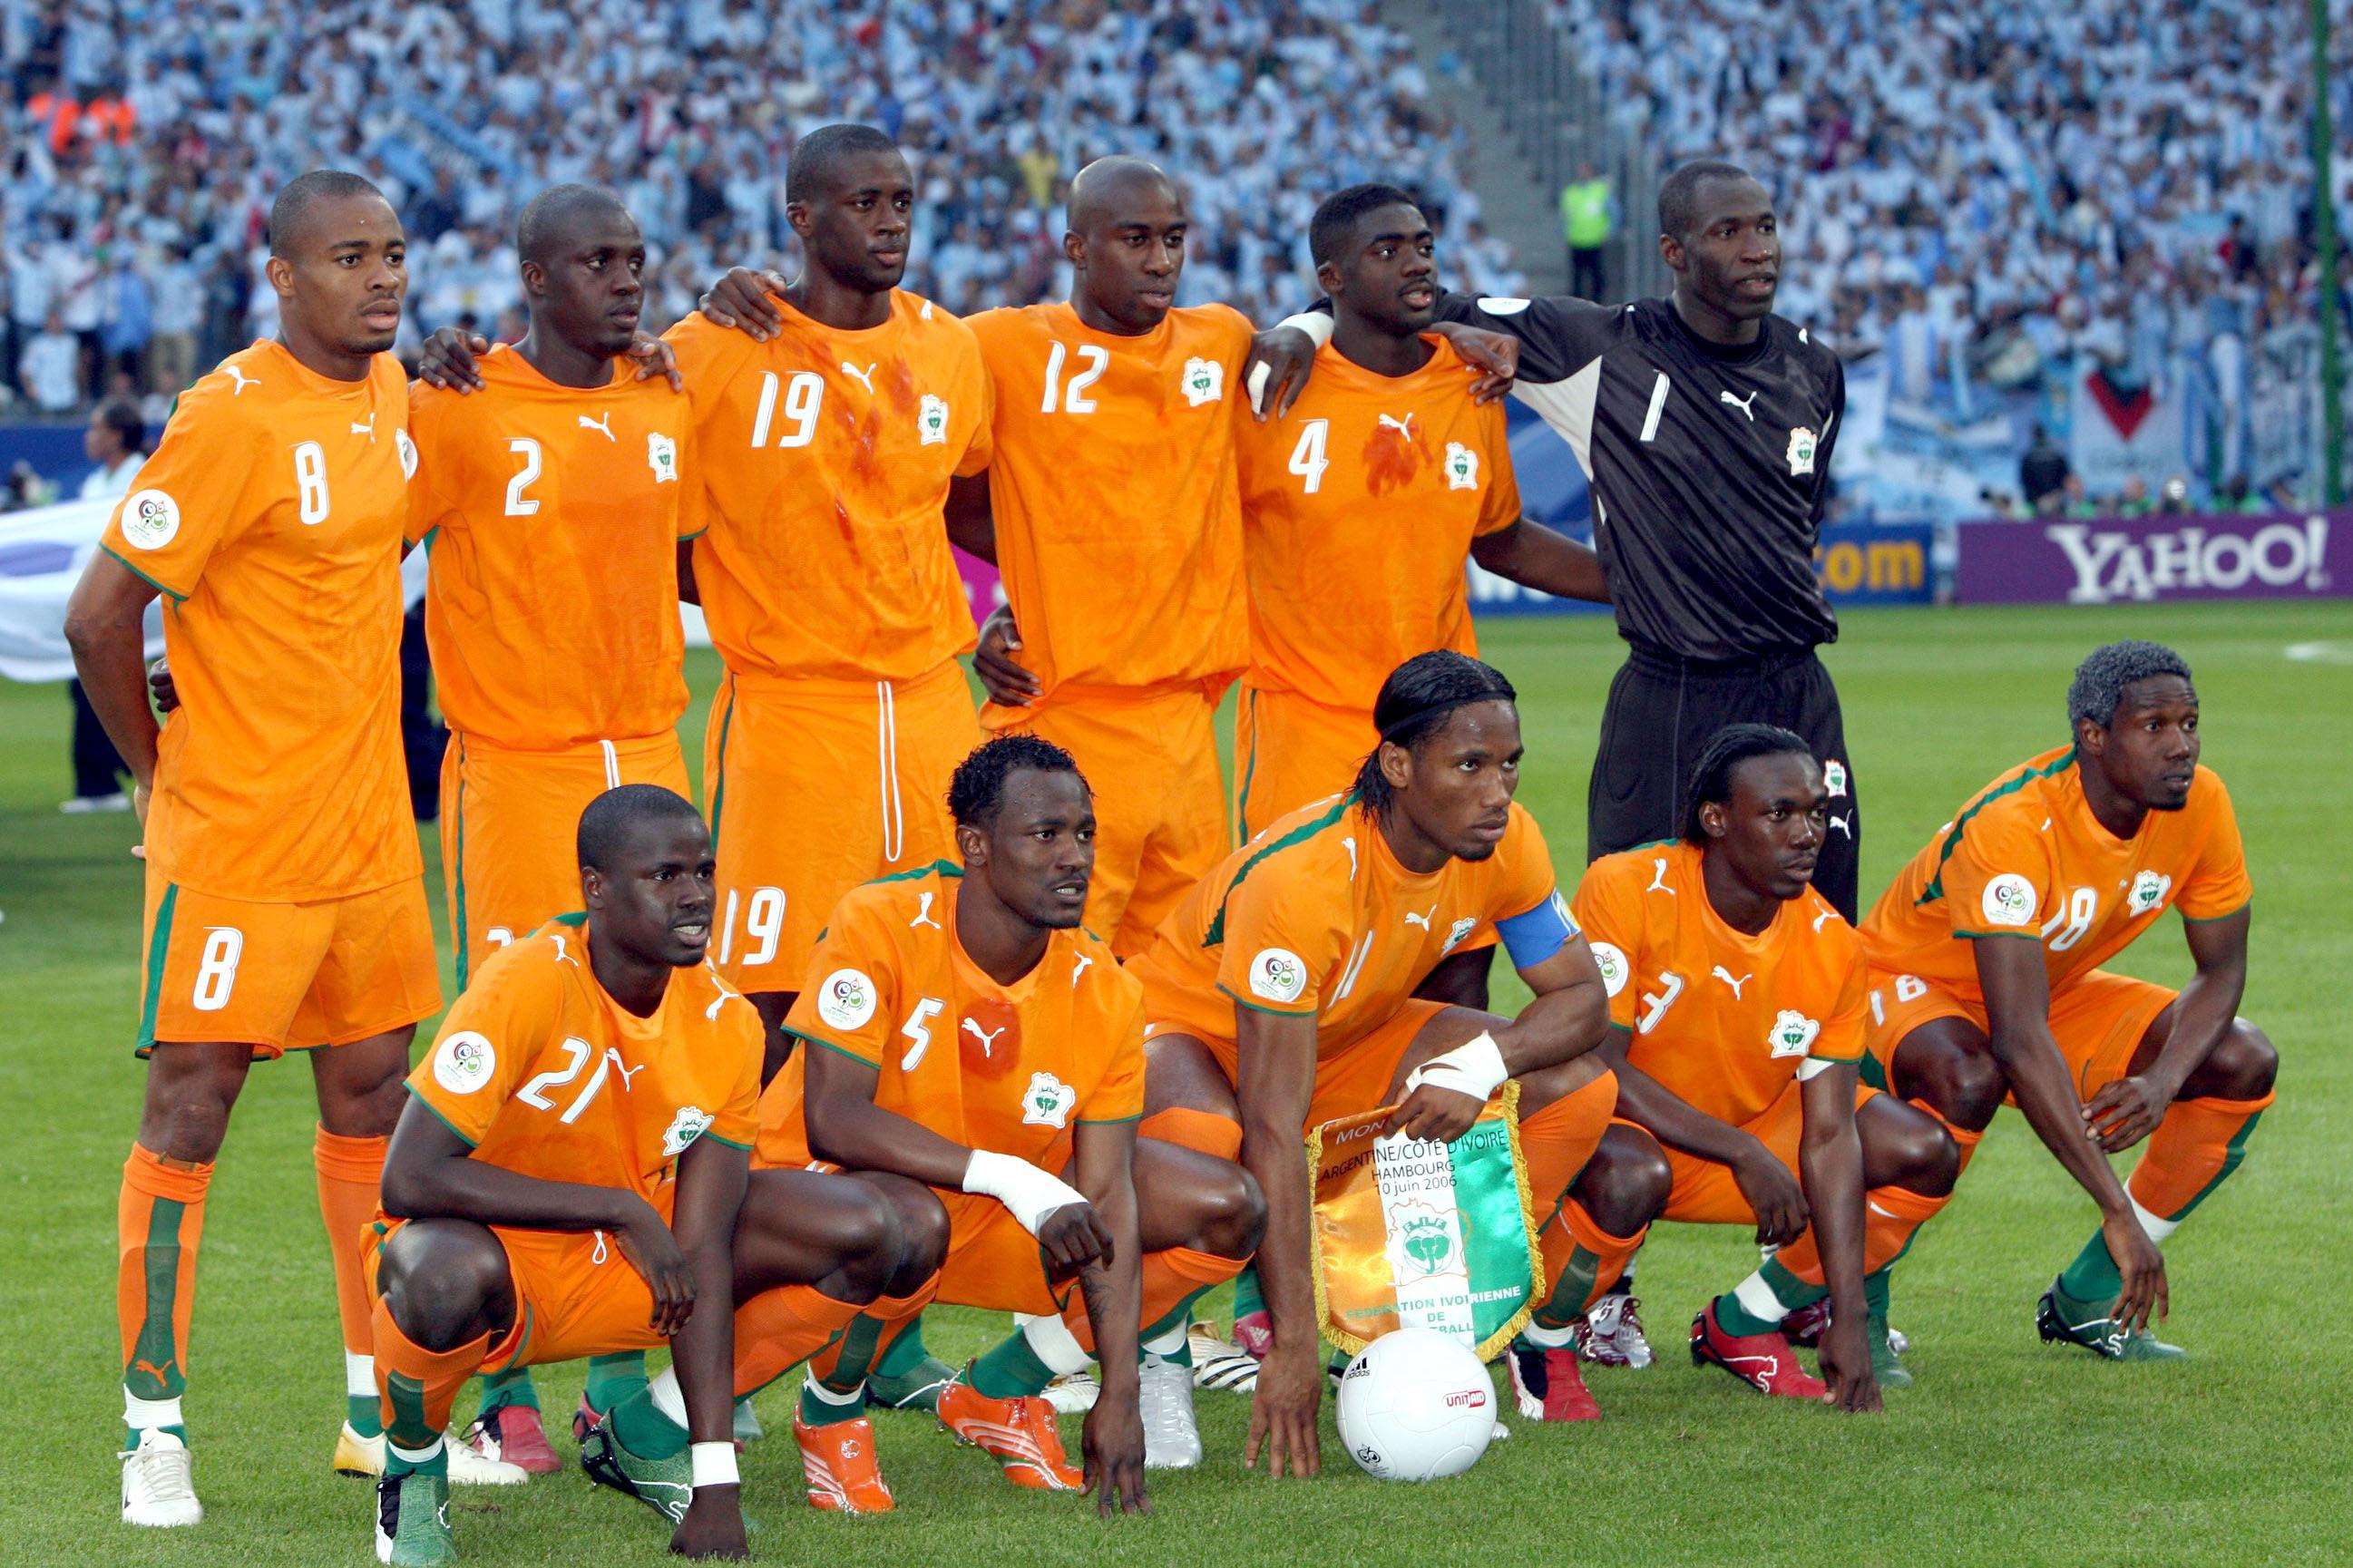 Equipe -10.06.2006 - Argentine / Cote d'Ivoire - Coupe du Monde 2006